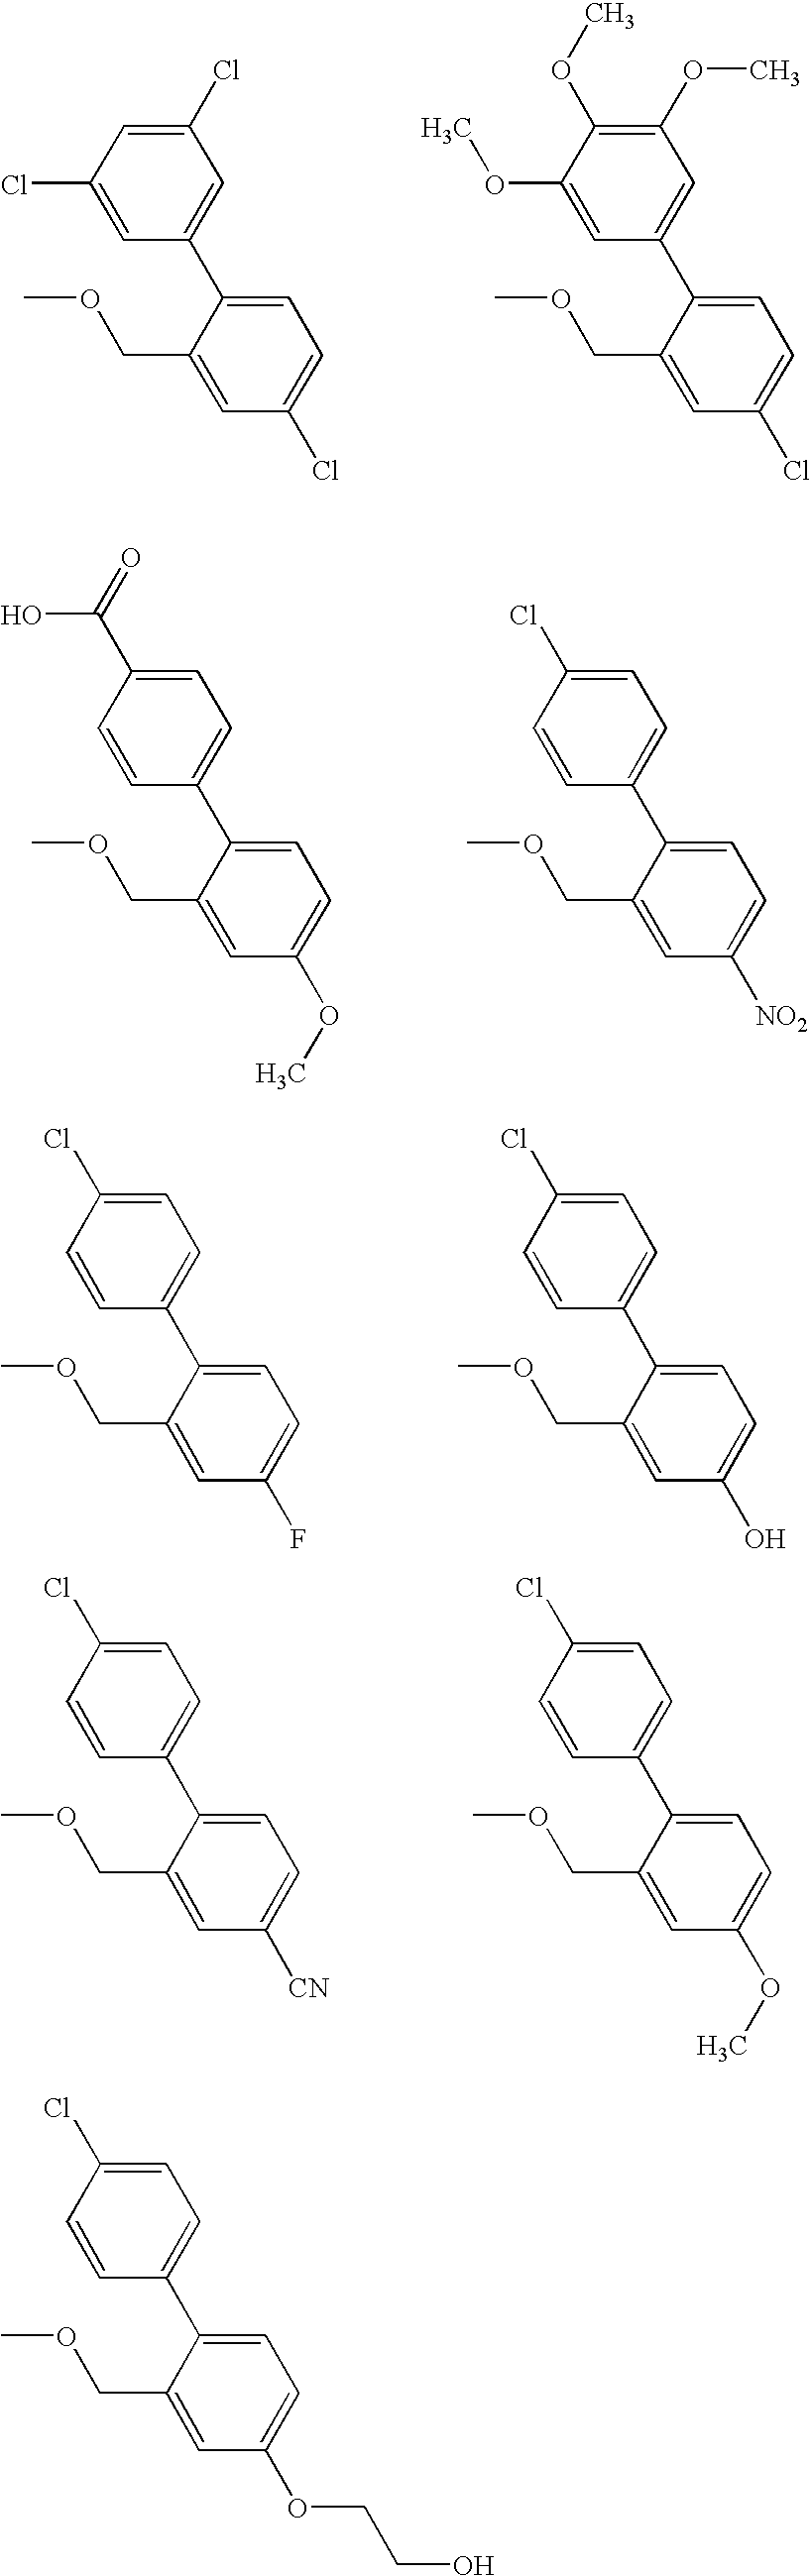 Figure US20070049593A1-20070301-C00226